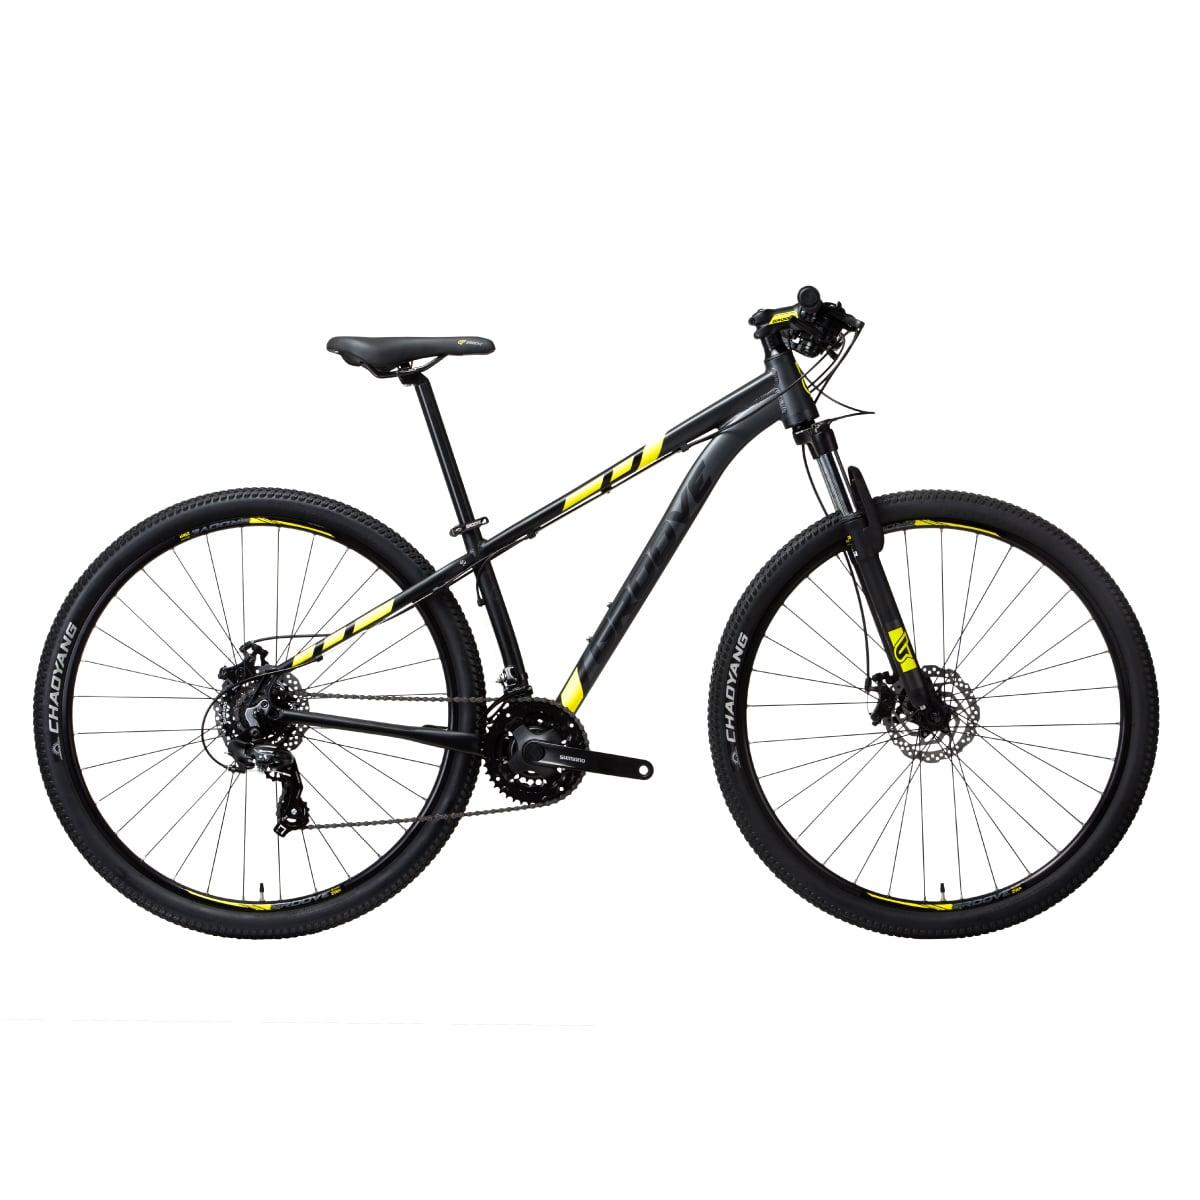 d52badfb8 Bike Groove Hype 30 2019 Aro 29 Freio Disco - Life Pedal ...